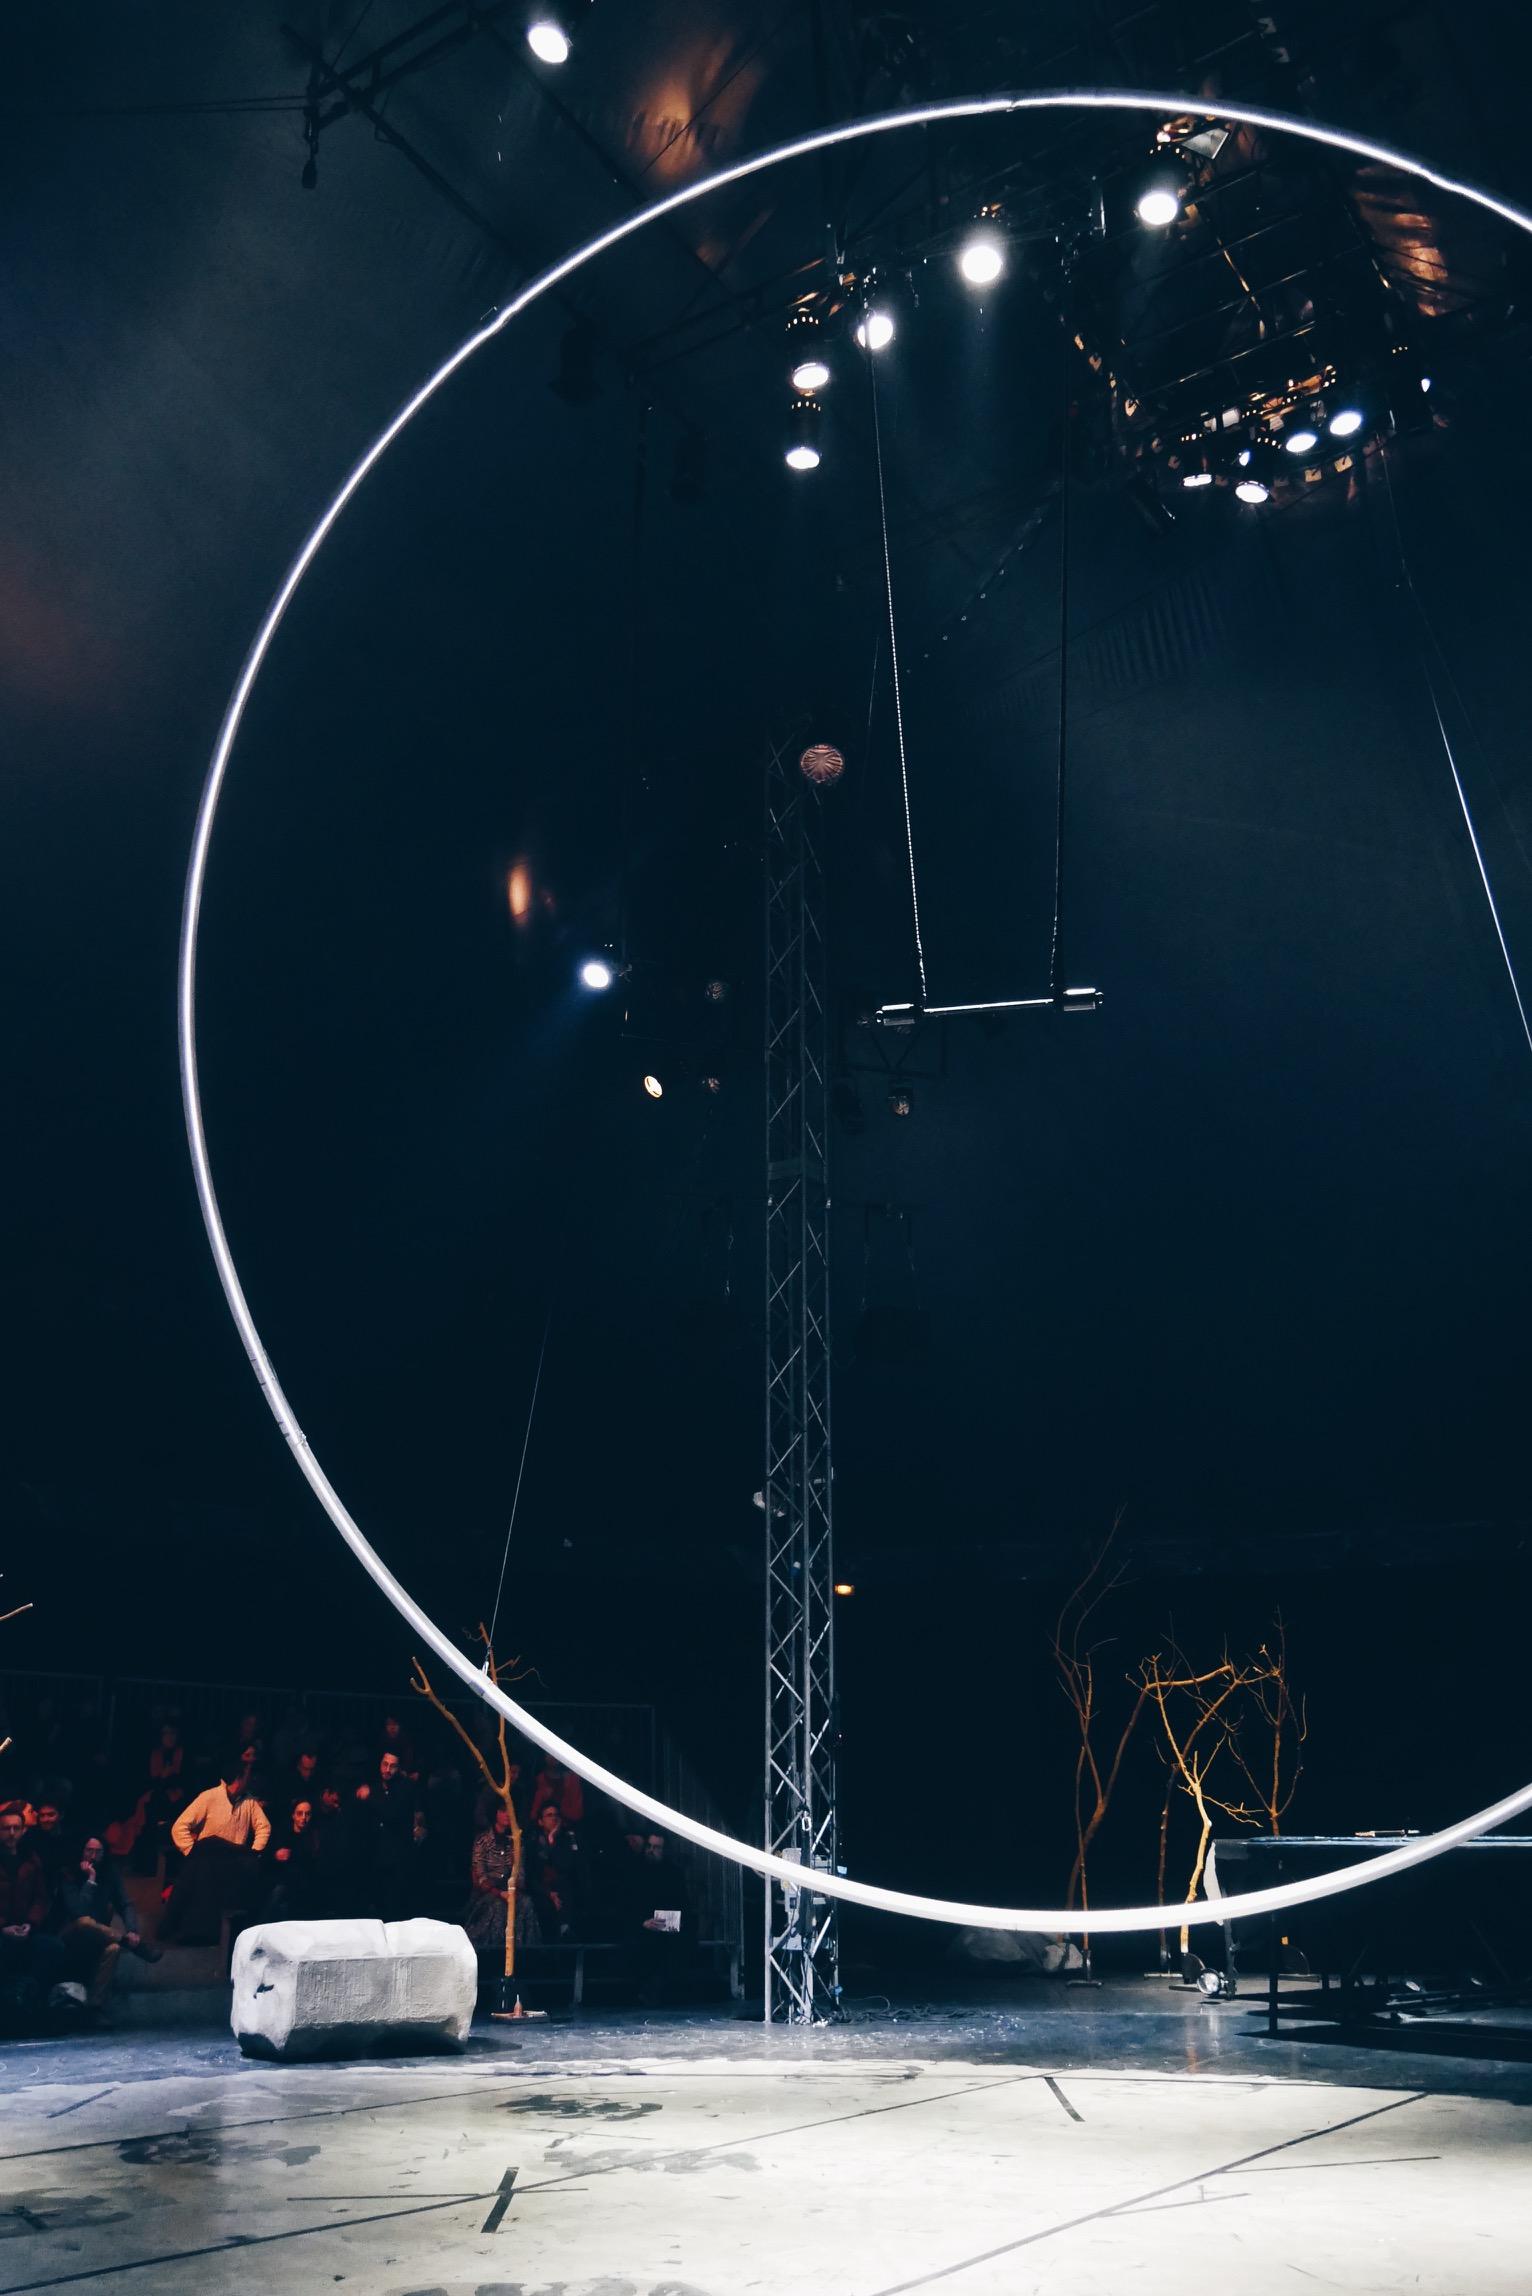 CNAC-2017-Vanavara-piste-sous-chapiteau-spectacle-28e-promotion-centre-national-des-arts-du-cirque-La-Villette-Paris-photo-usofparis-blog